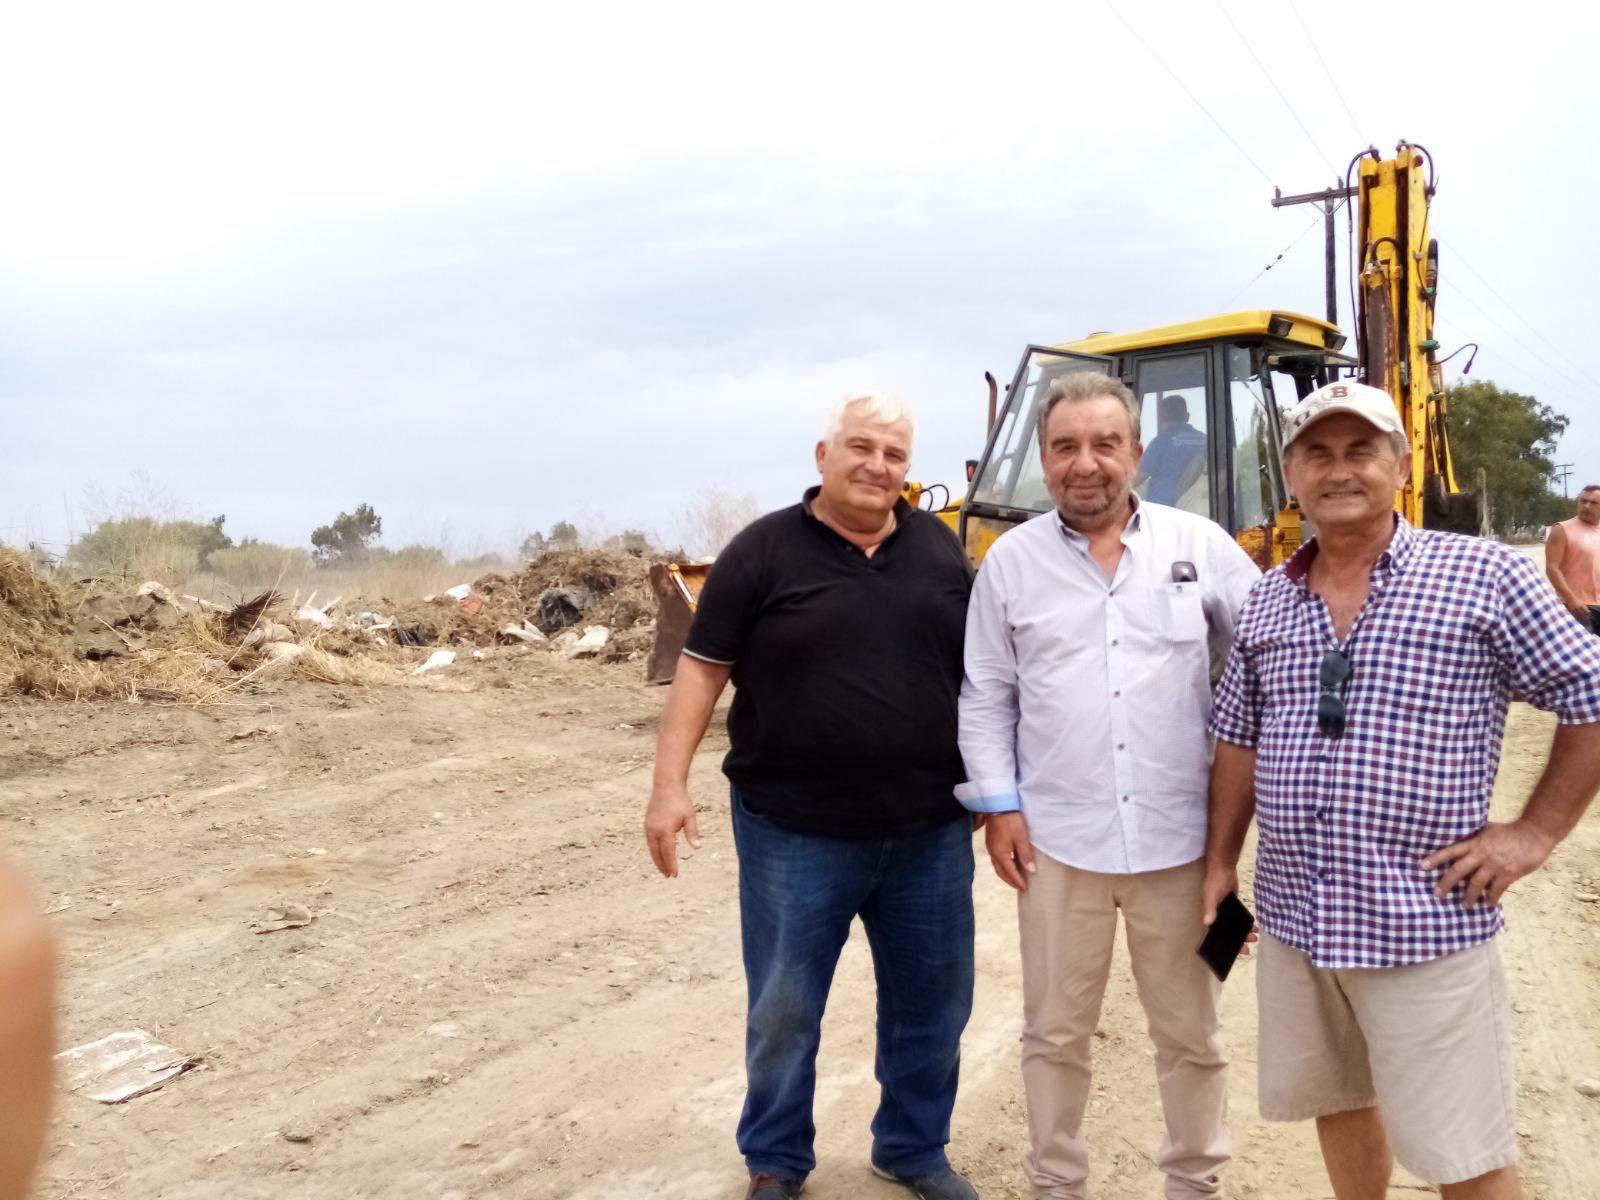 Συνεργασία Δήμου Ανδραβίδας-Κυλλήνης και ΤΟΕΒ Μυρτουντίων: Όλα έτοιμα για τον εορτασμό της Μεταμόρφωσης του Σωτήρος στη Μυρσίνη (photos)